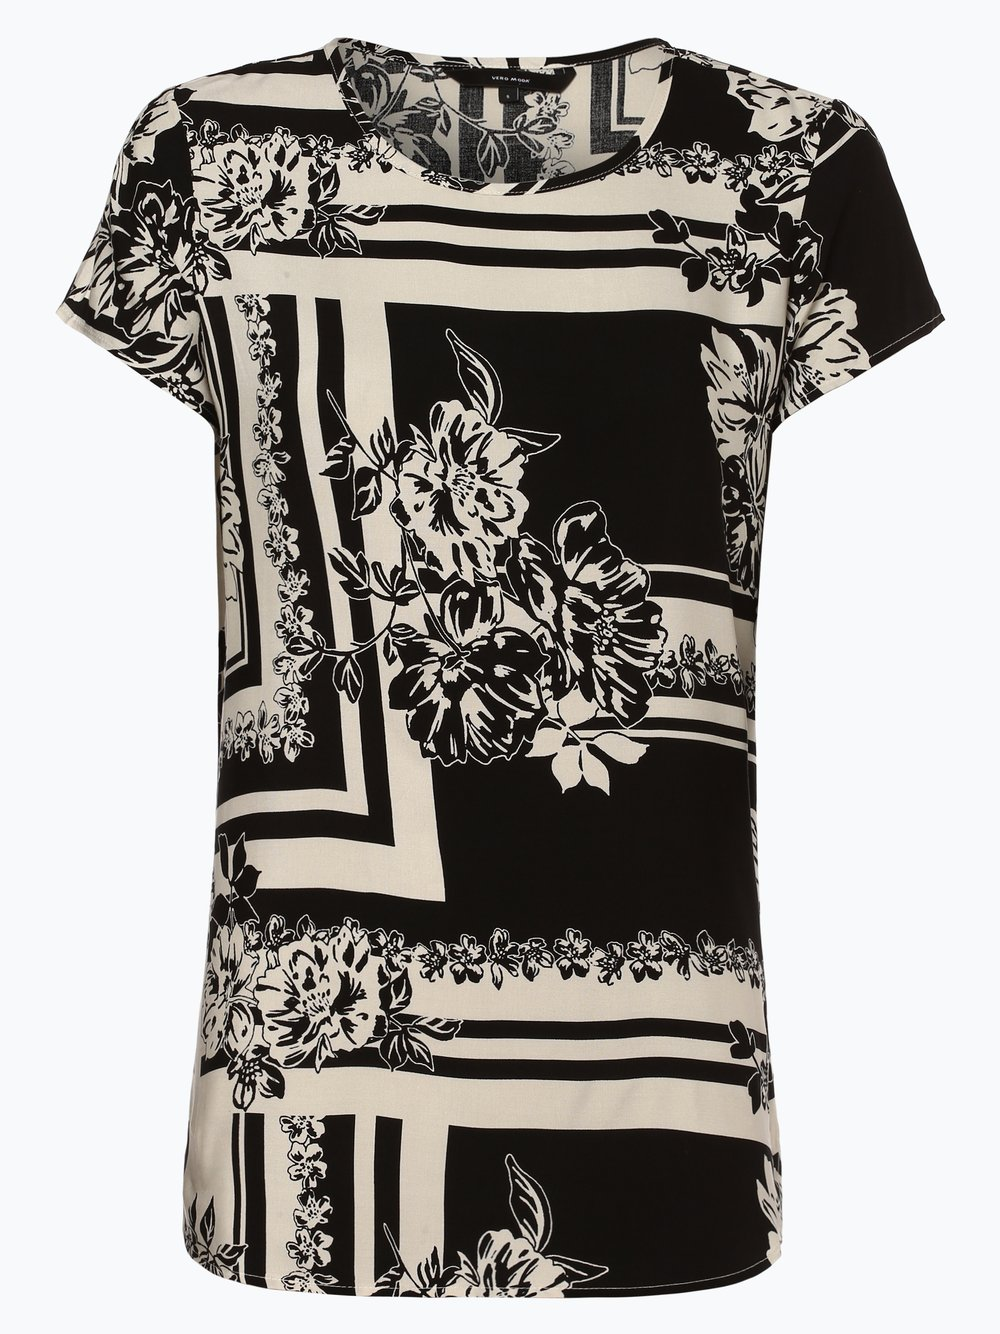 vero moda damen t-shirt online kaufen | peek-und-cloppenburg.de